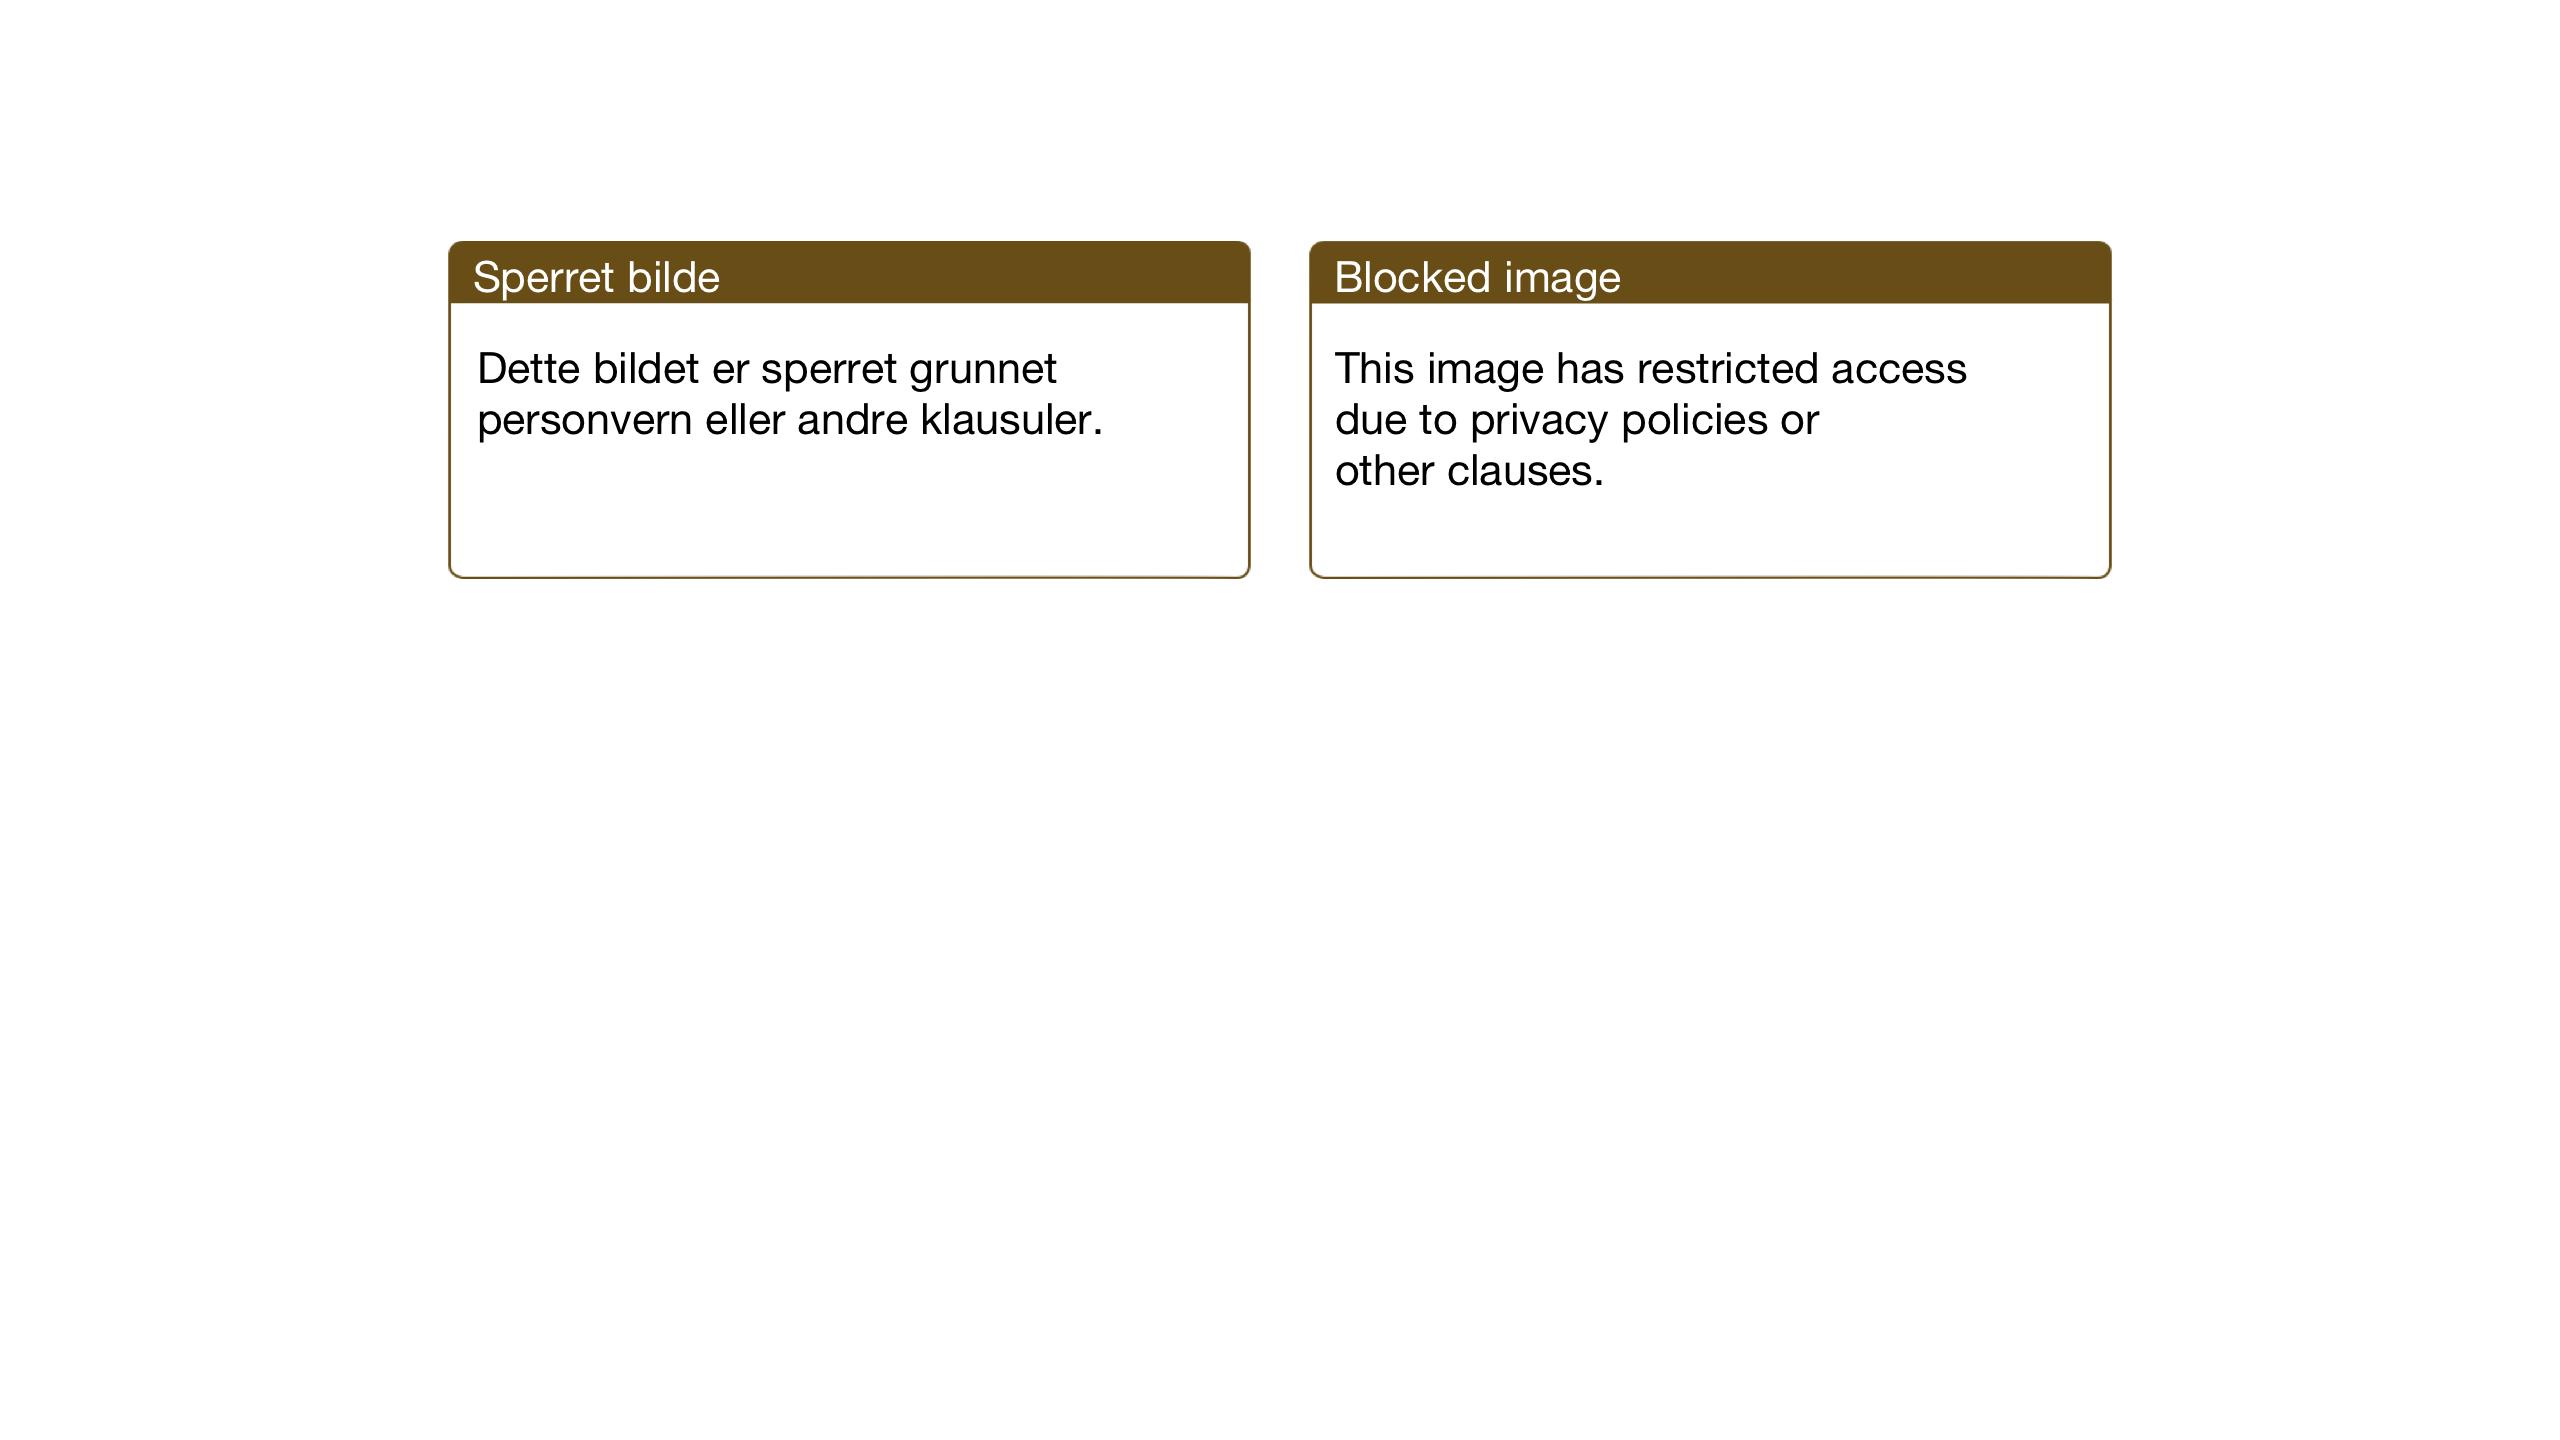 SAT, Ministerialprotokoller, klokkerbøker og fødselsregistre - Sør-Trøndelag, 633/L0521: Klokkerbok nr. 633C03, 1921-1941, s. 62